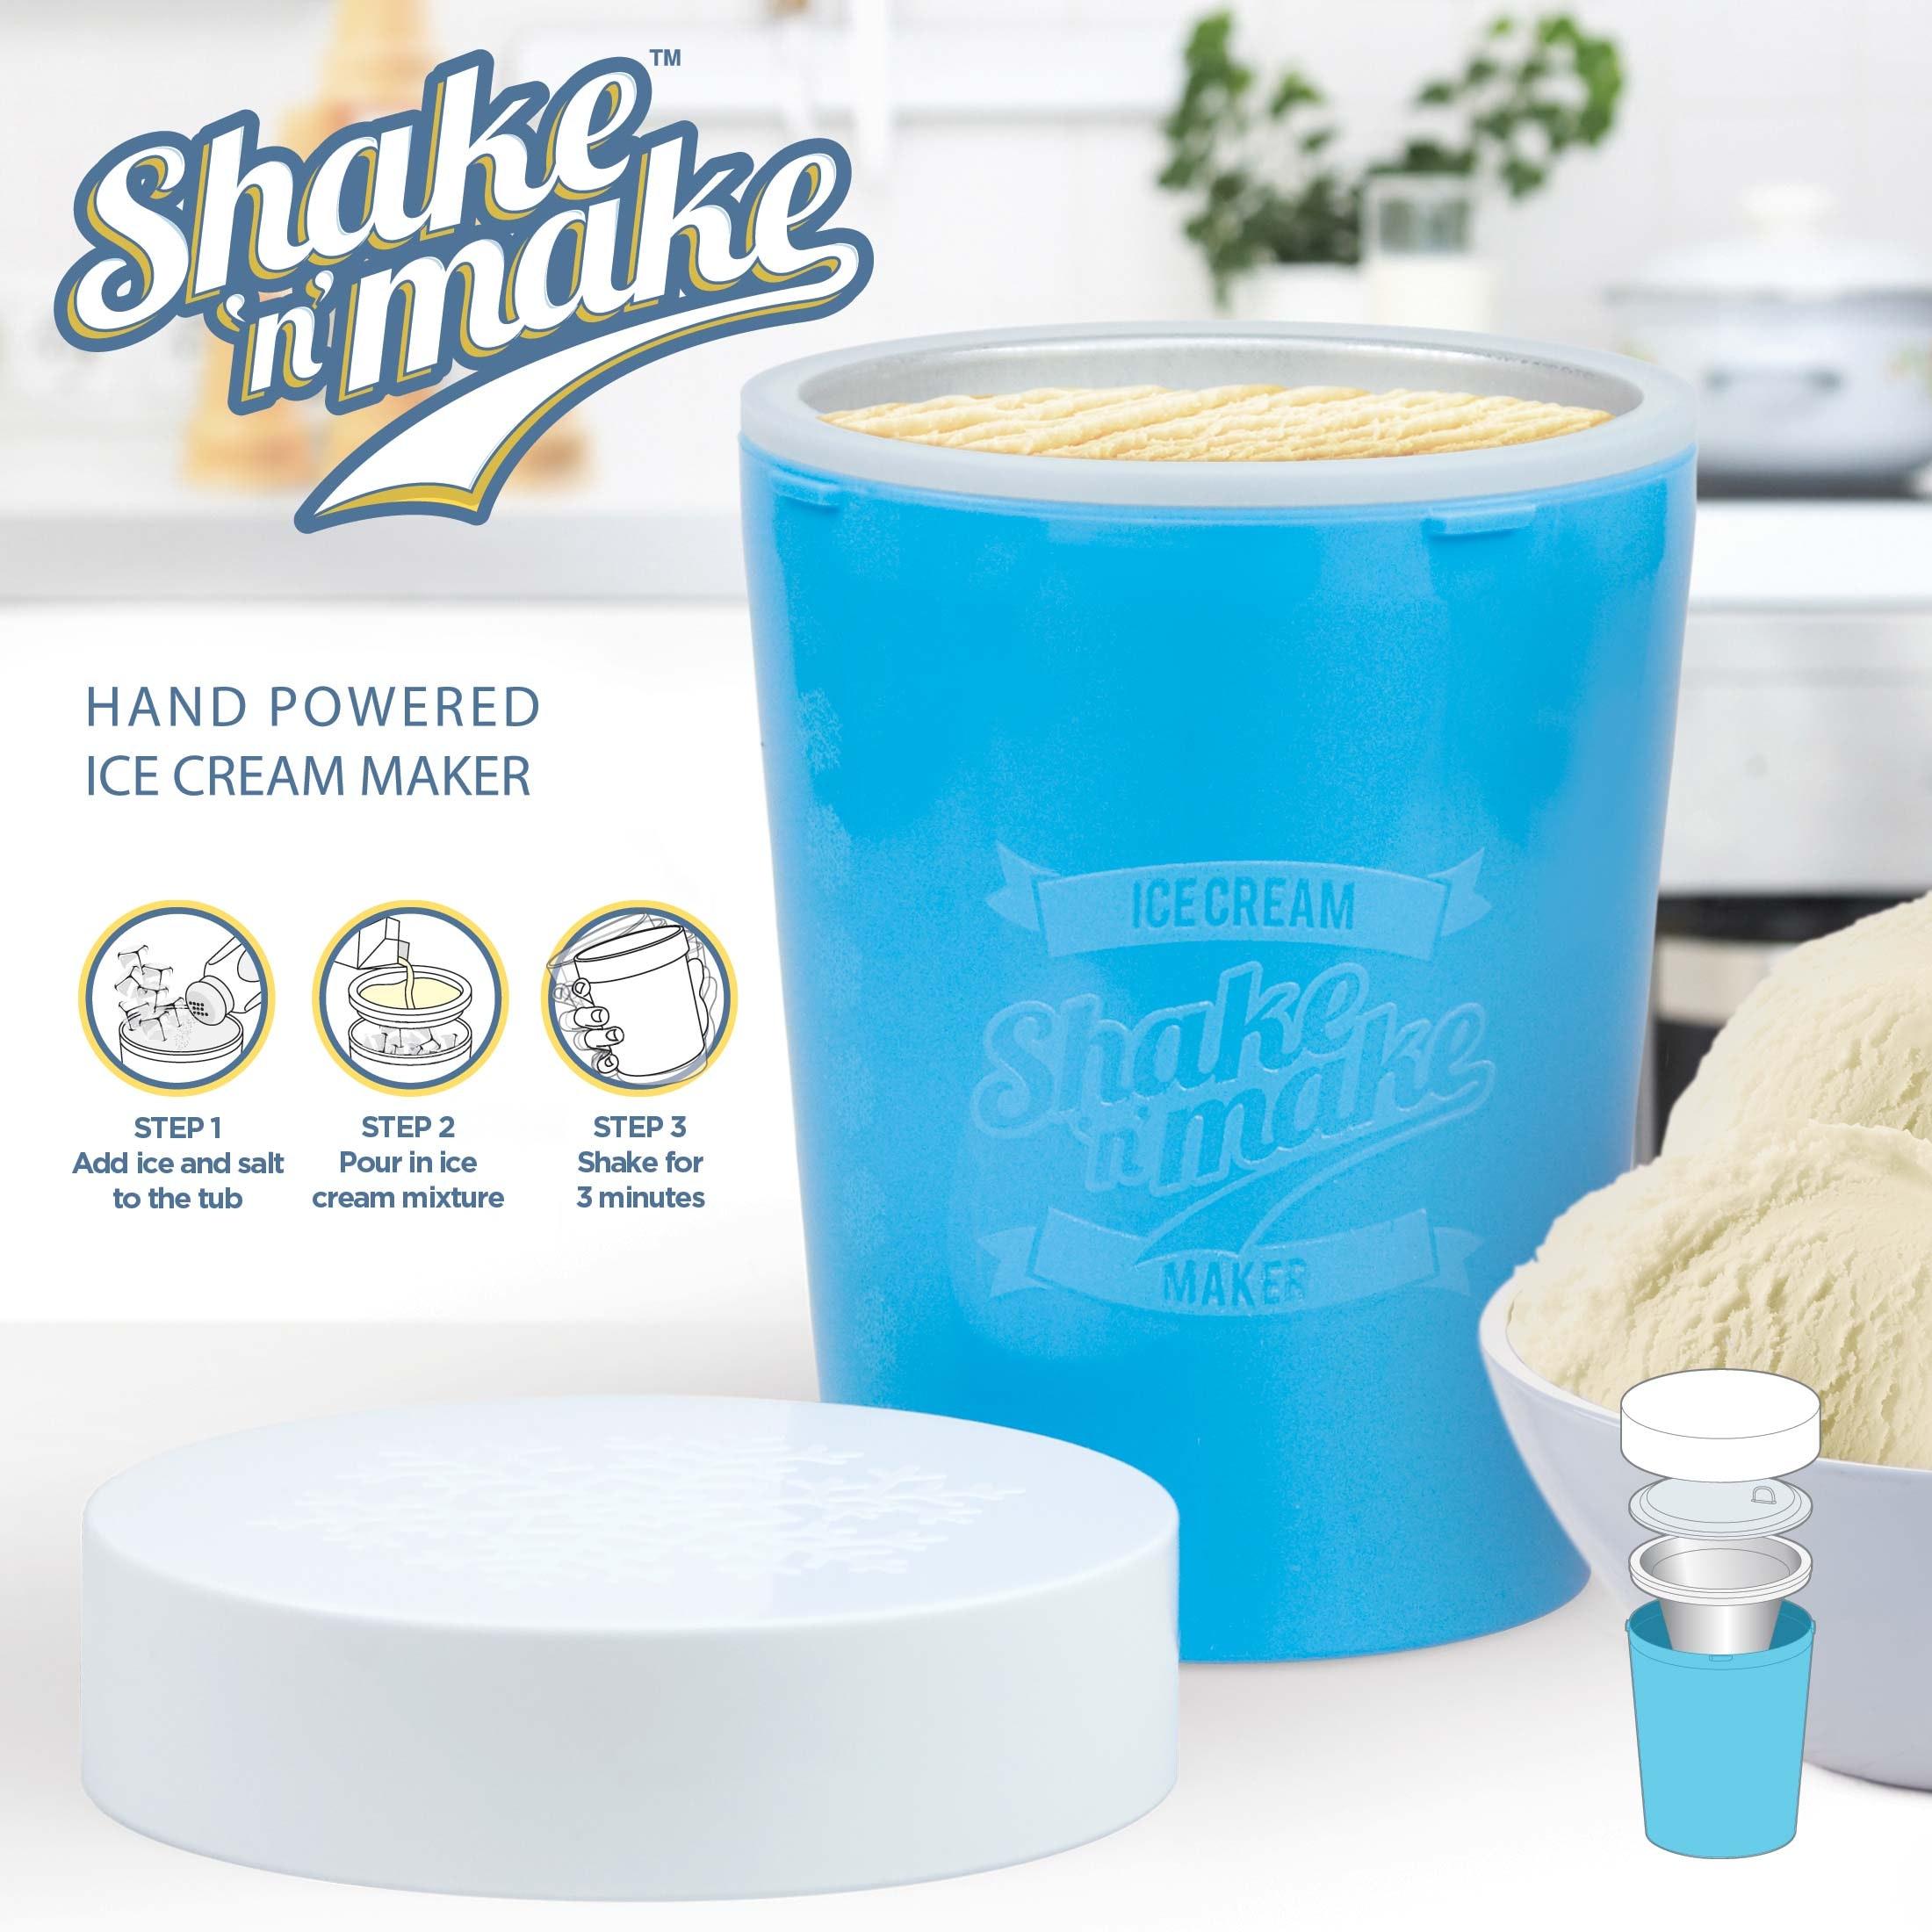 Shake 'n' Make sweepstakes